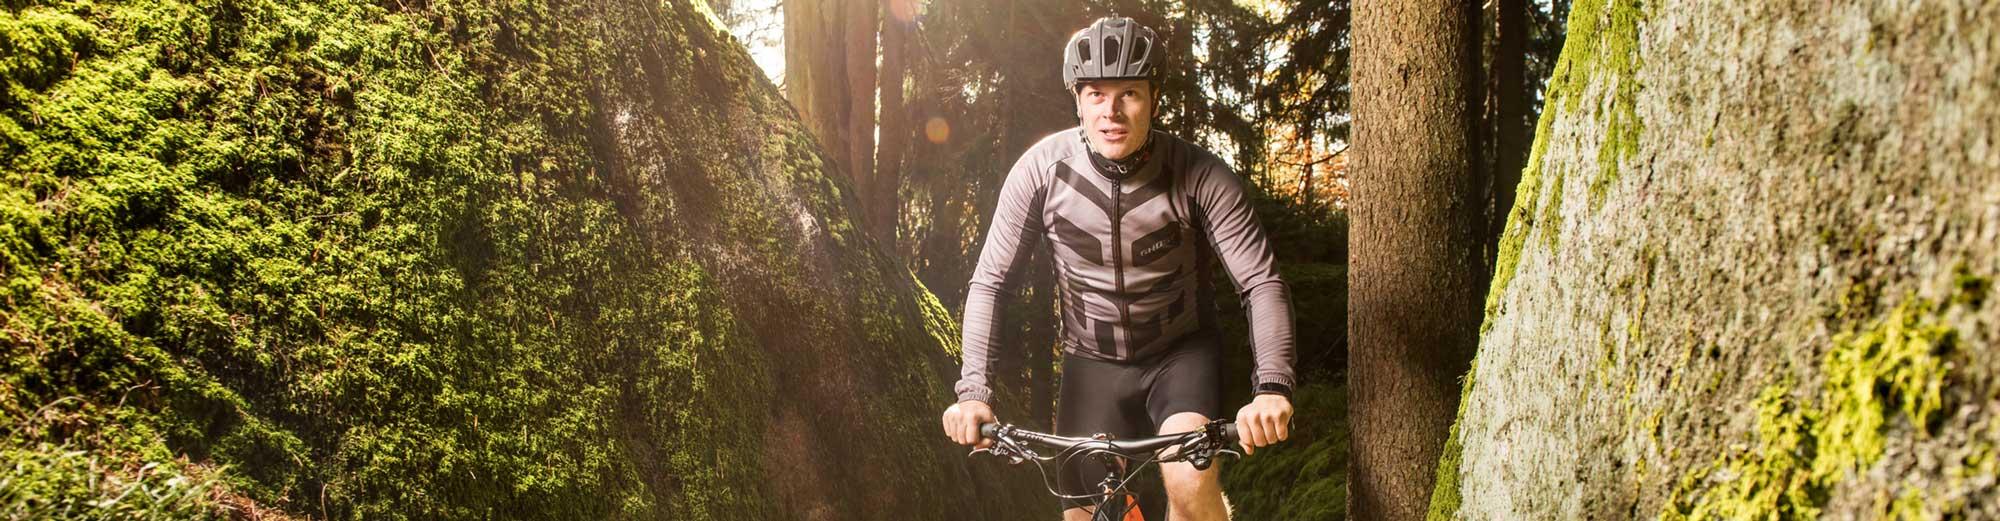 E-Bike Sale Sonderverkauf mit großen Rabatten